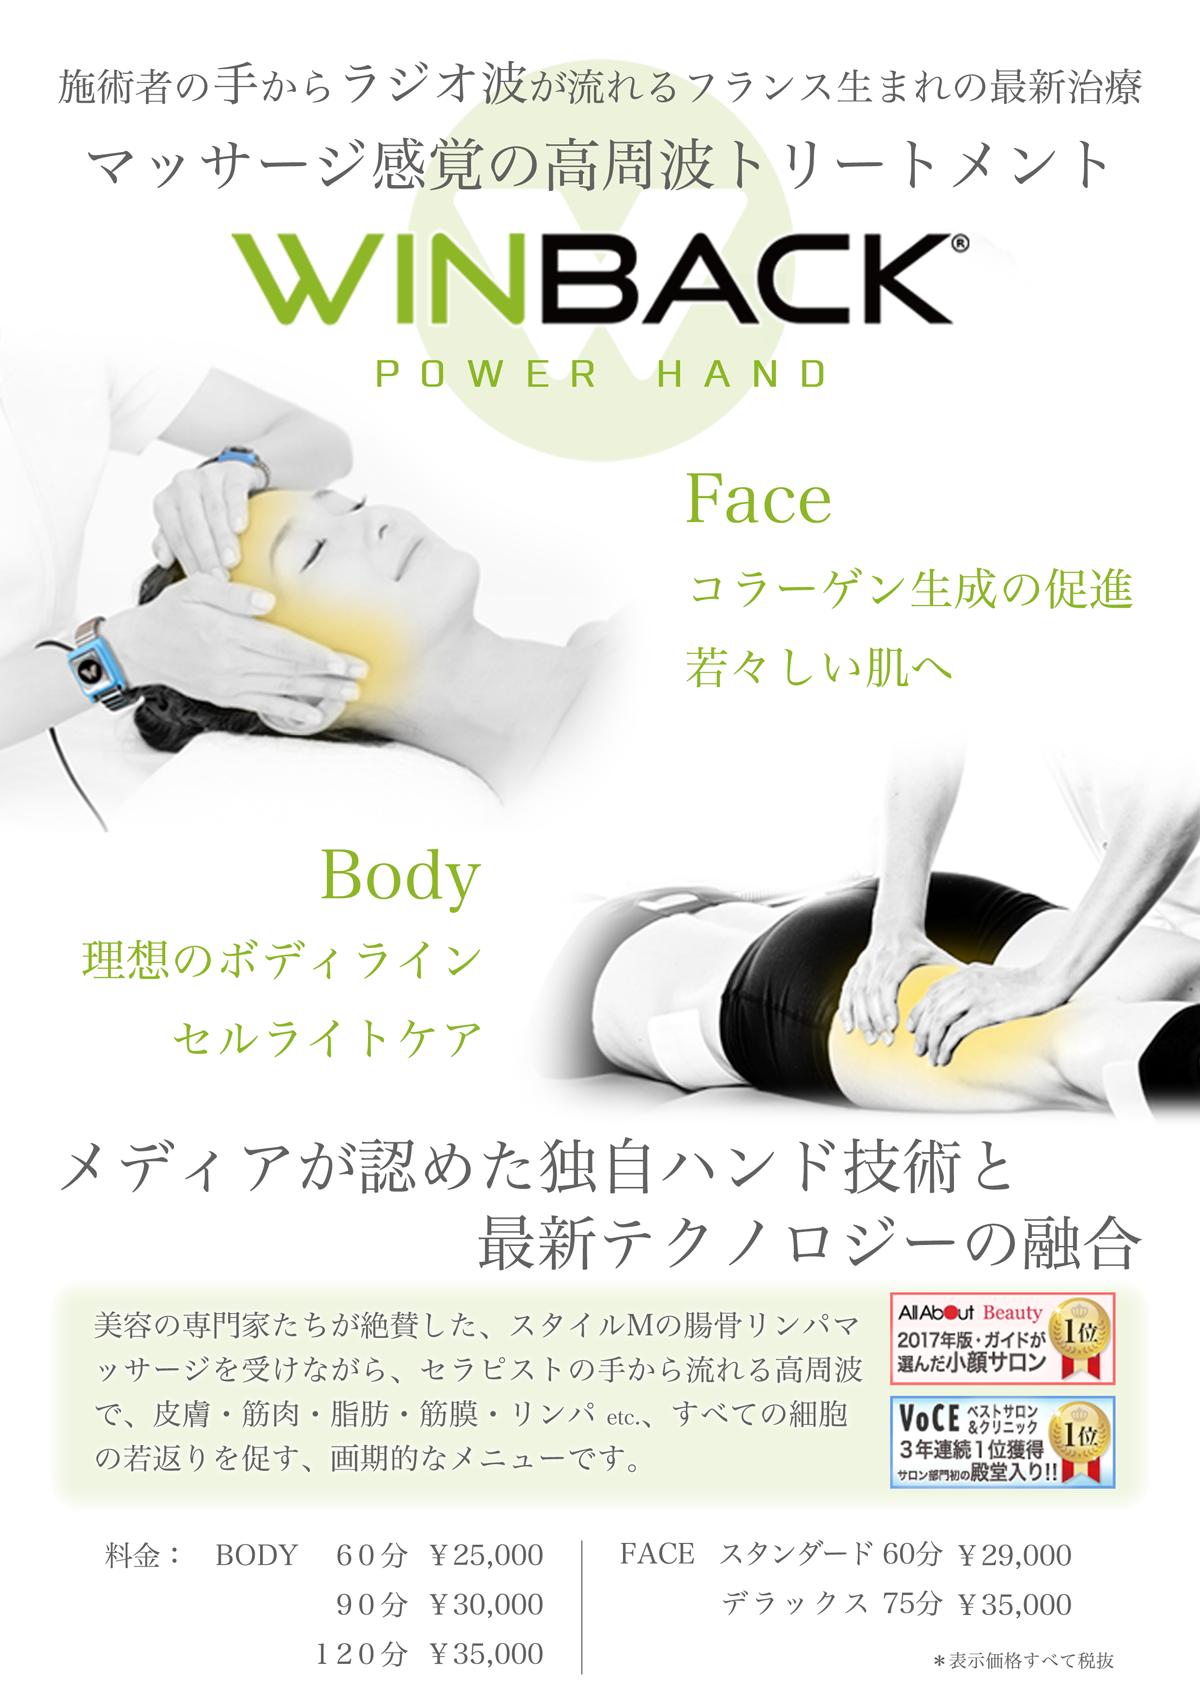 WINBACK ウィンバック パワーハンド 施術者の手からラジオ波が流れるフランス生まれの最新治療 マッサージ感覚の高周波トリートメント  Face コラーゲン生成の促進若々しい肌へ Body 理想のボディライン セルライトケア メディアが認めた独自ハンド技術と最新テクノロジーの融合 美容の専門家たちが絶賛した、スタイルMの腸骨リンパマッサージを受けながら、セラピストの手から流れる高周波で、皮膚・筋肉・脂肪・筋膜・リンパ etc.、すべての細胞の若返りを促す、画期的なメニューです。